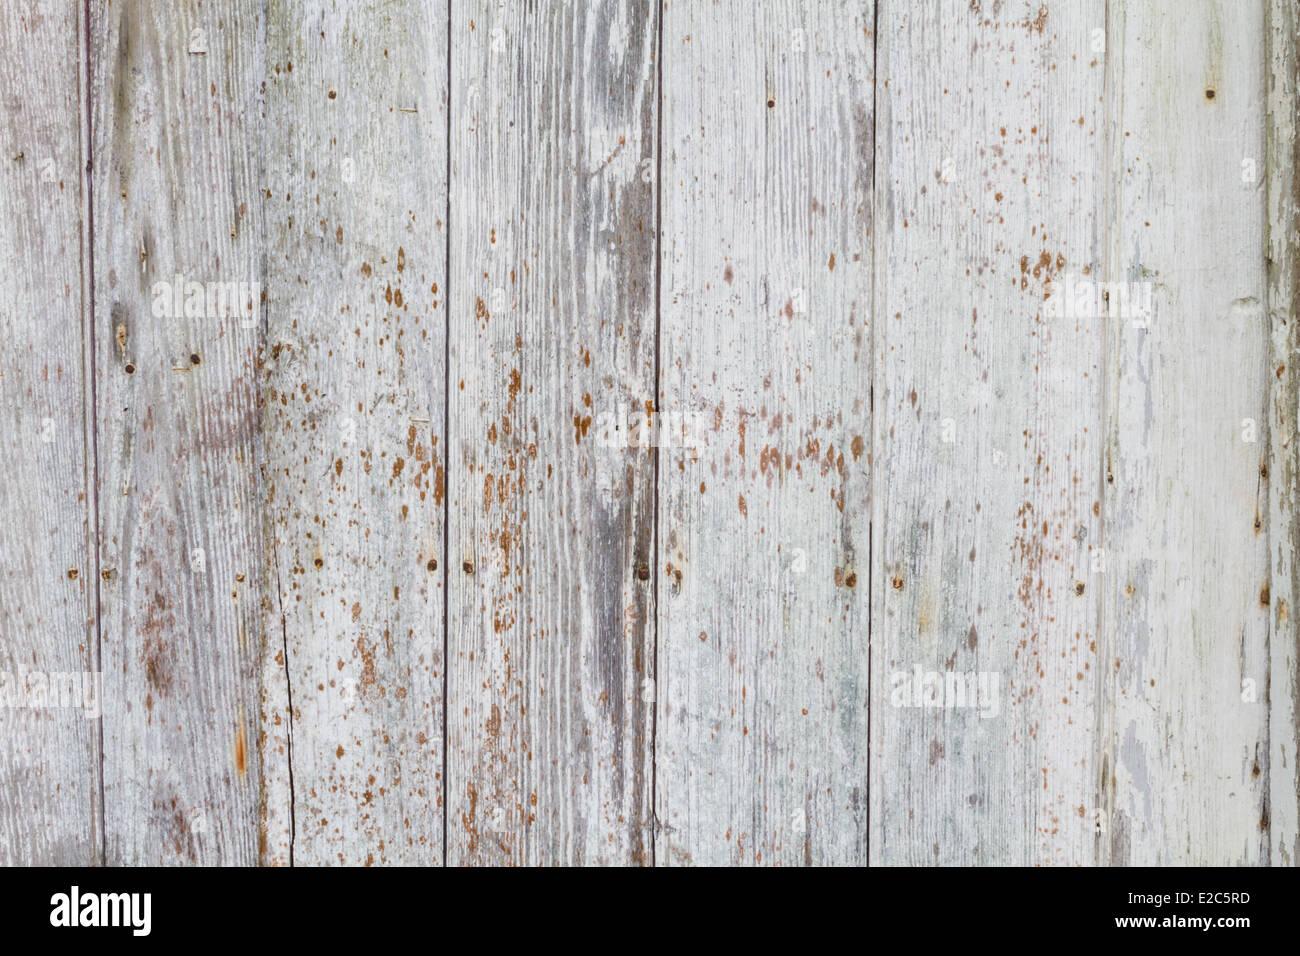 Im Alter von Platten aus einer alten Lagerhalle. Stockbild